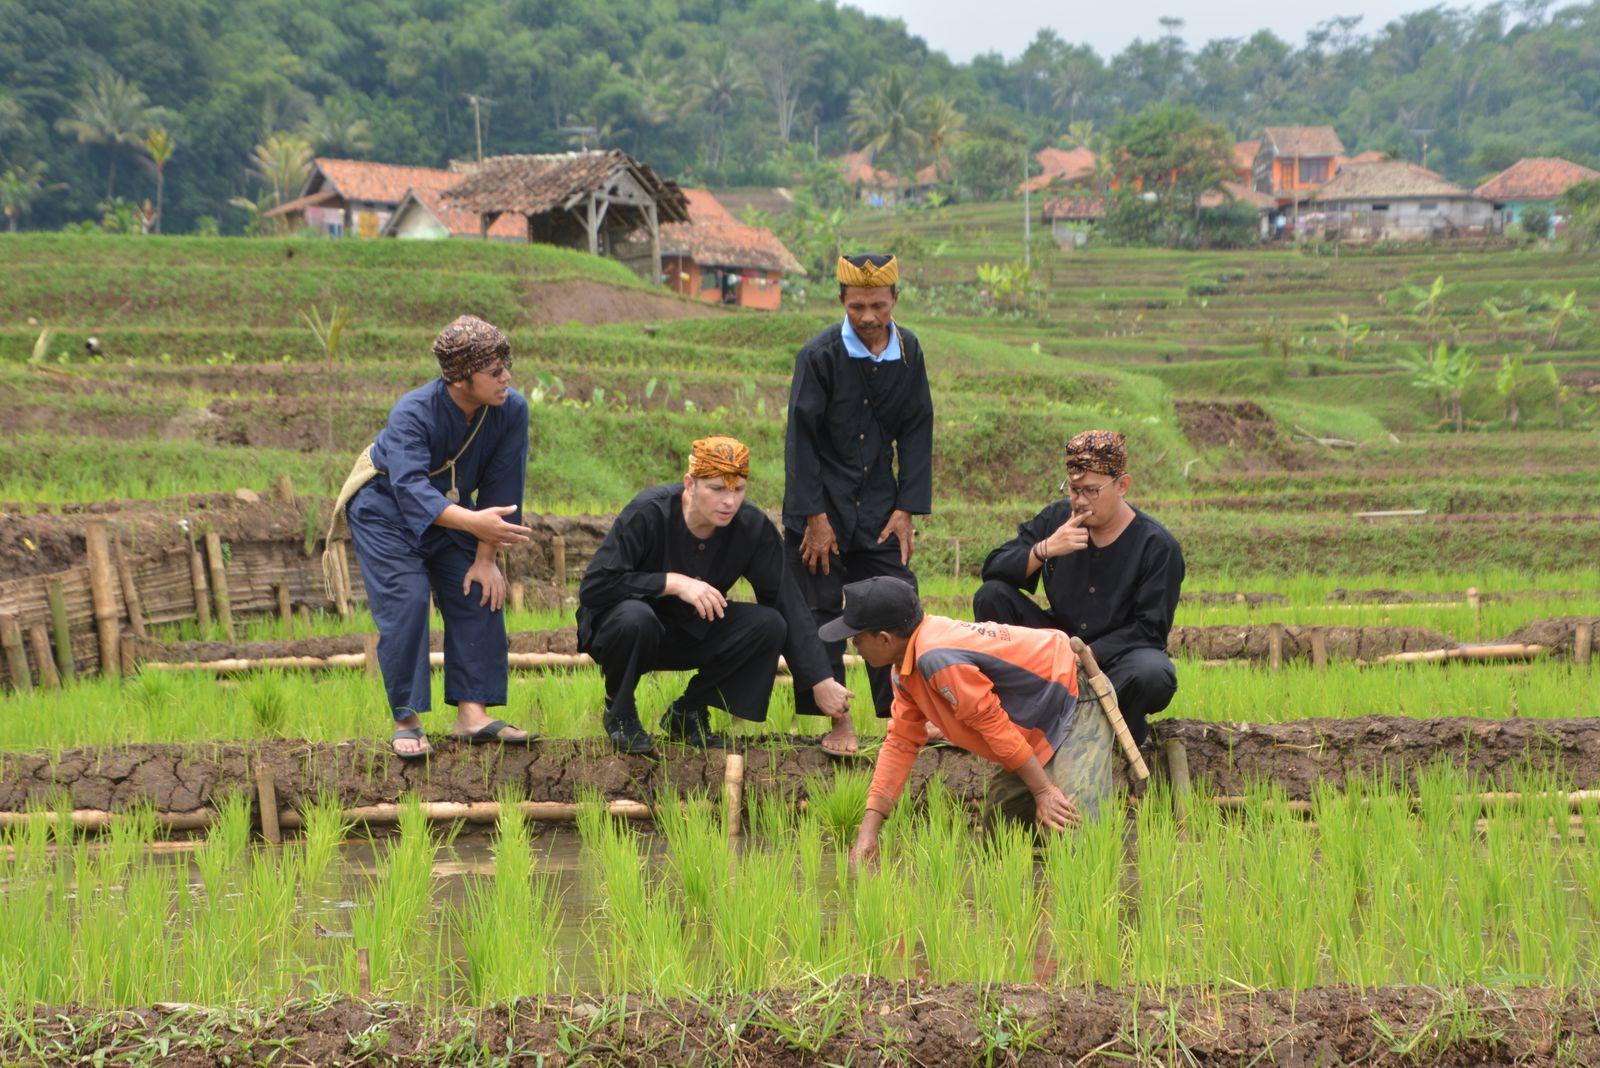 Reisbauern5